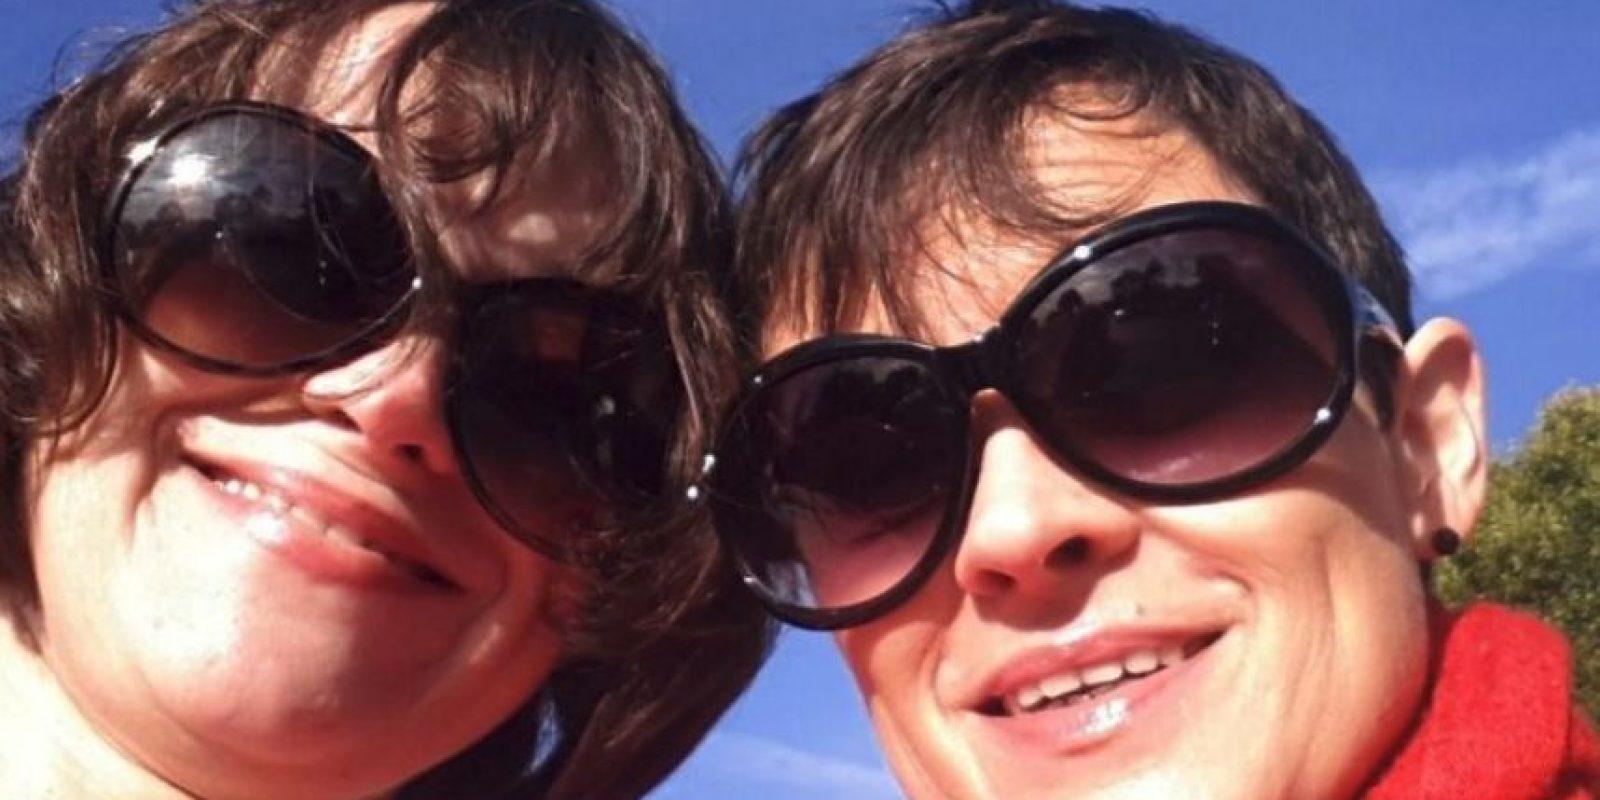 Lisa y Louise Burns dejaron el mundo del espectáculo tras esta película para centrarse en su educación. La primera es profesora de literatura, mientras que Louise es bióloga. Foto:Facebook Shining Twins. Imagen Por: